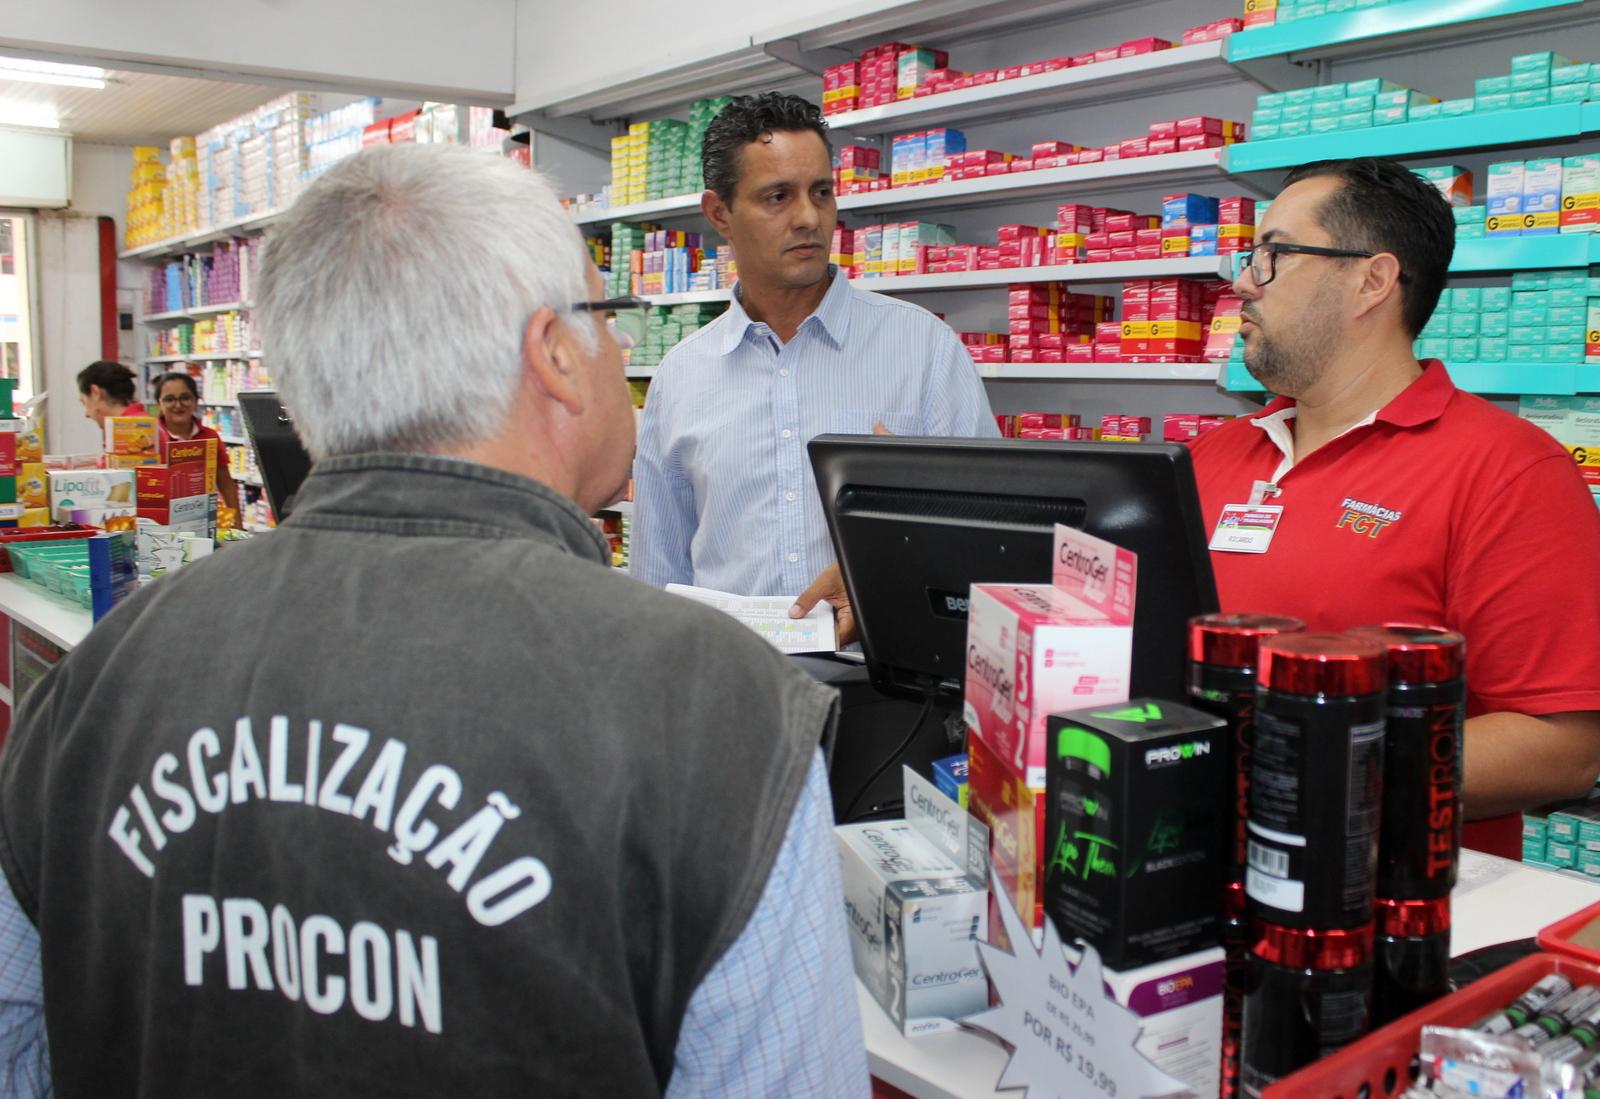 Procon_multa_farmacias_de_Criciuma_por_falta_de_atendimentos_prioritarios_Foto_Divulgacao_Decom.JPG